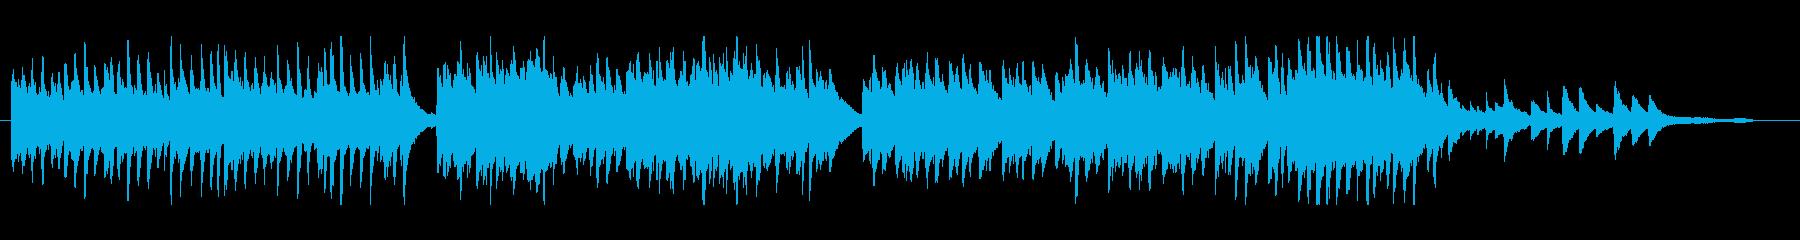 軽快で小気味よいピアノソロの再生済みの波形